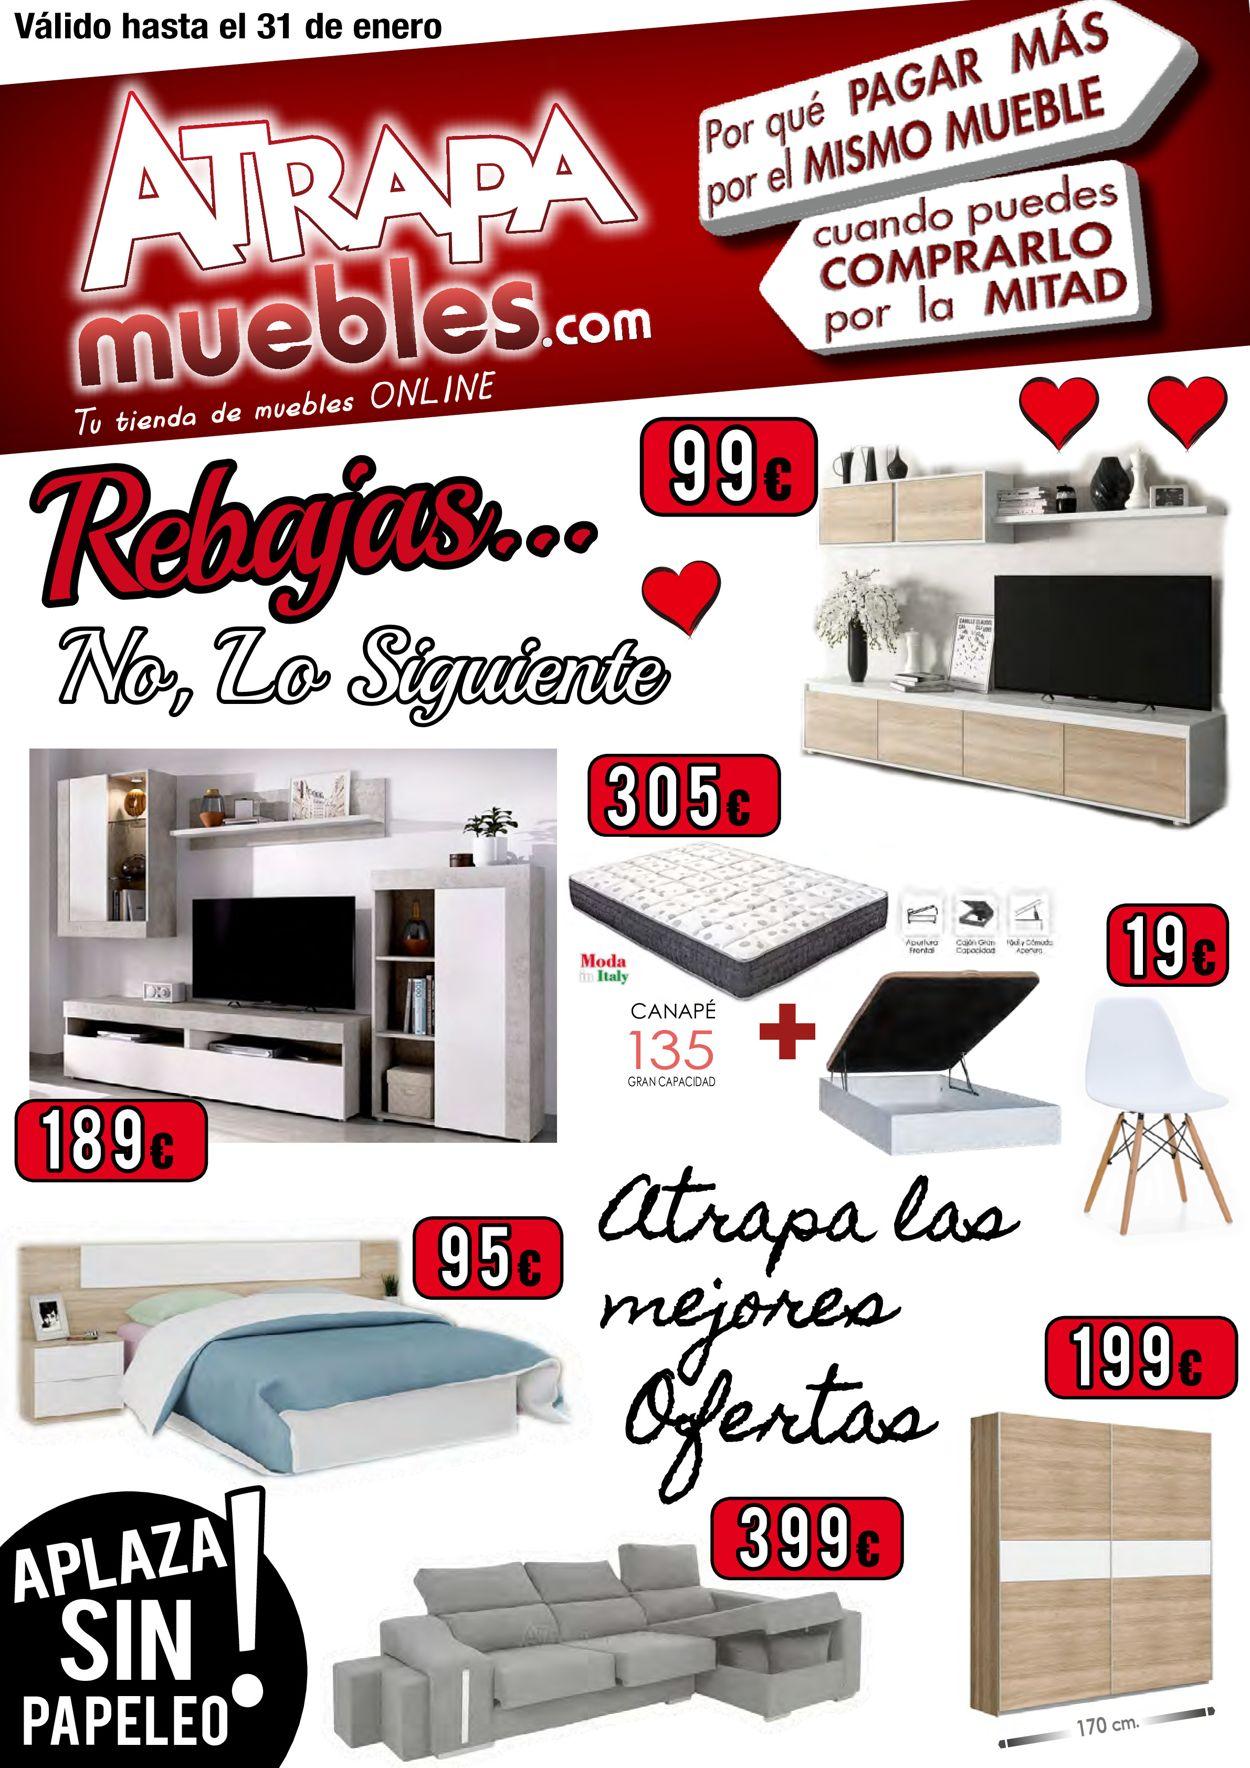 Atrapamuebles Catalogo Muebles Enero 2021 Folleto - 18.01-31.01.2021